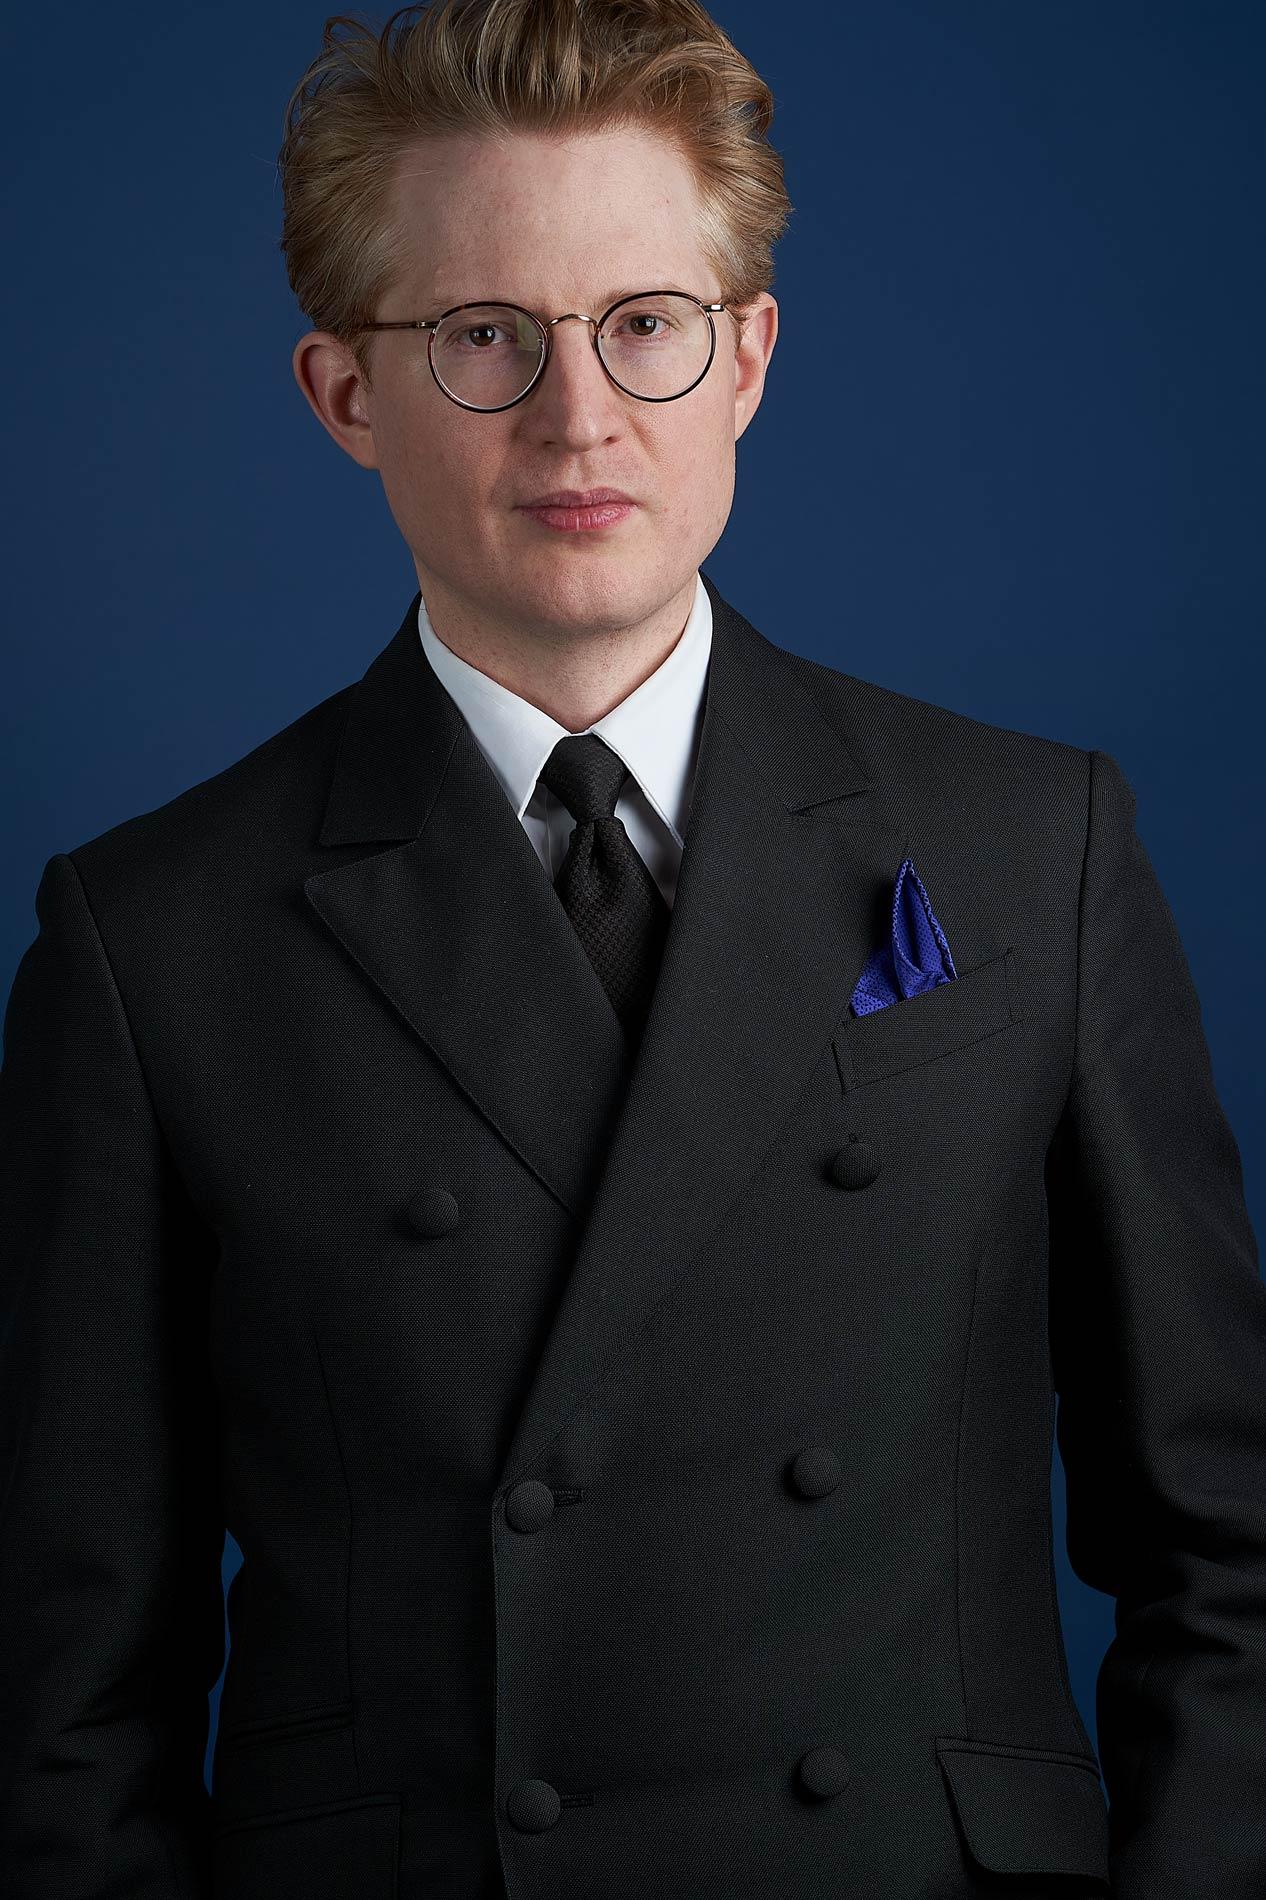 Portrait von Florian Schmidt-Gabain